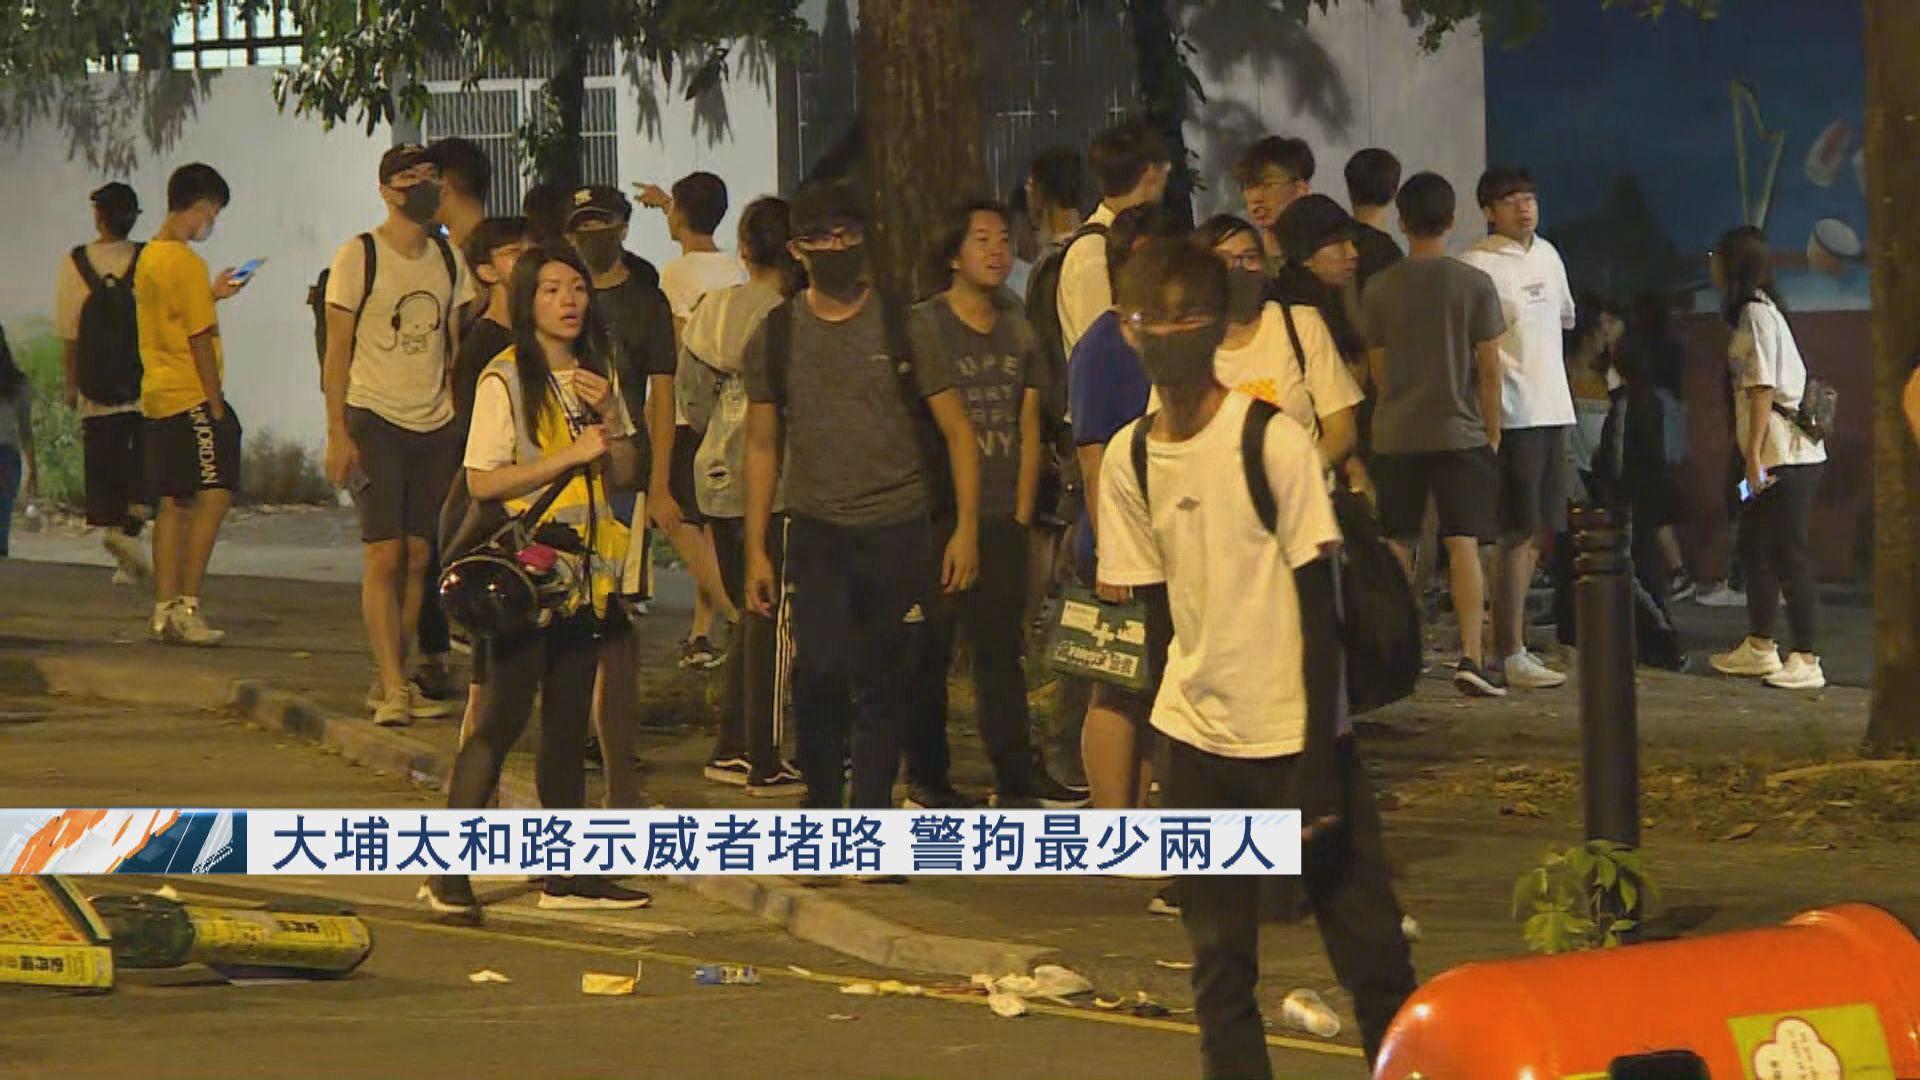 大埔太和路示威者堵路 警拘最少兩人